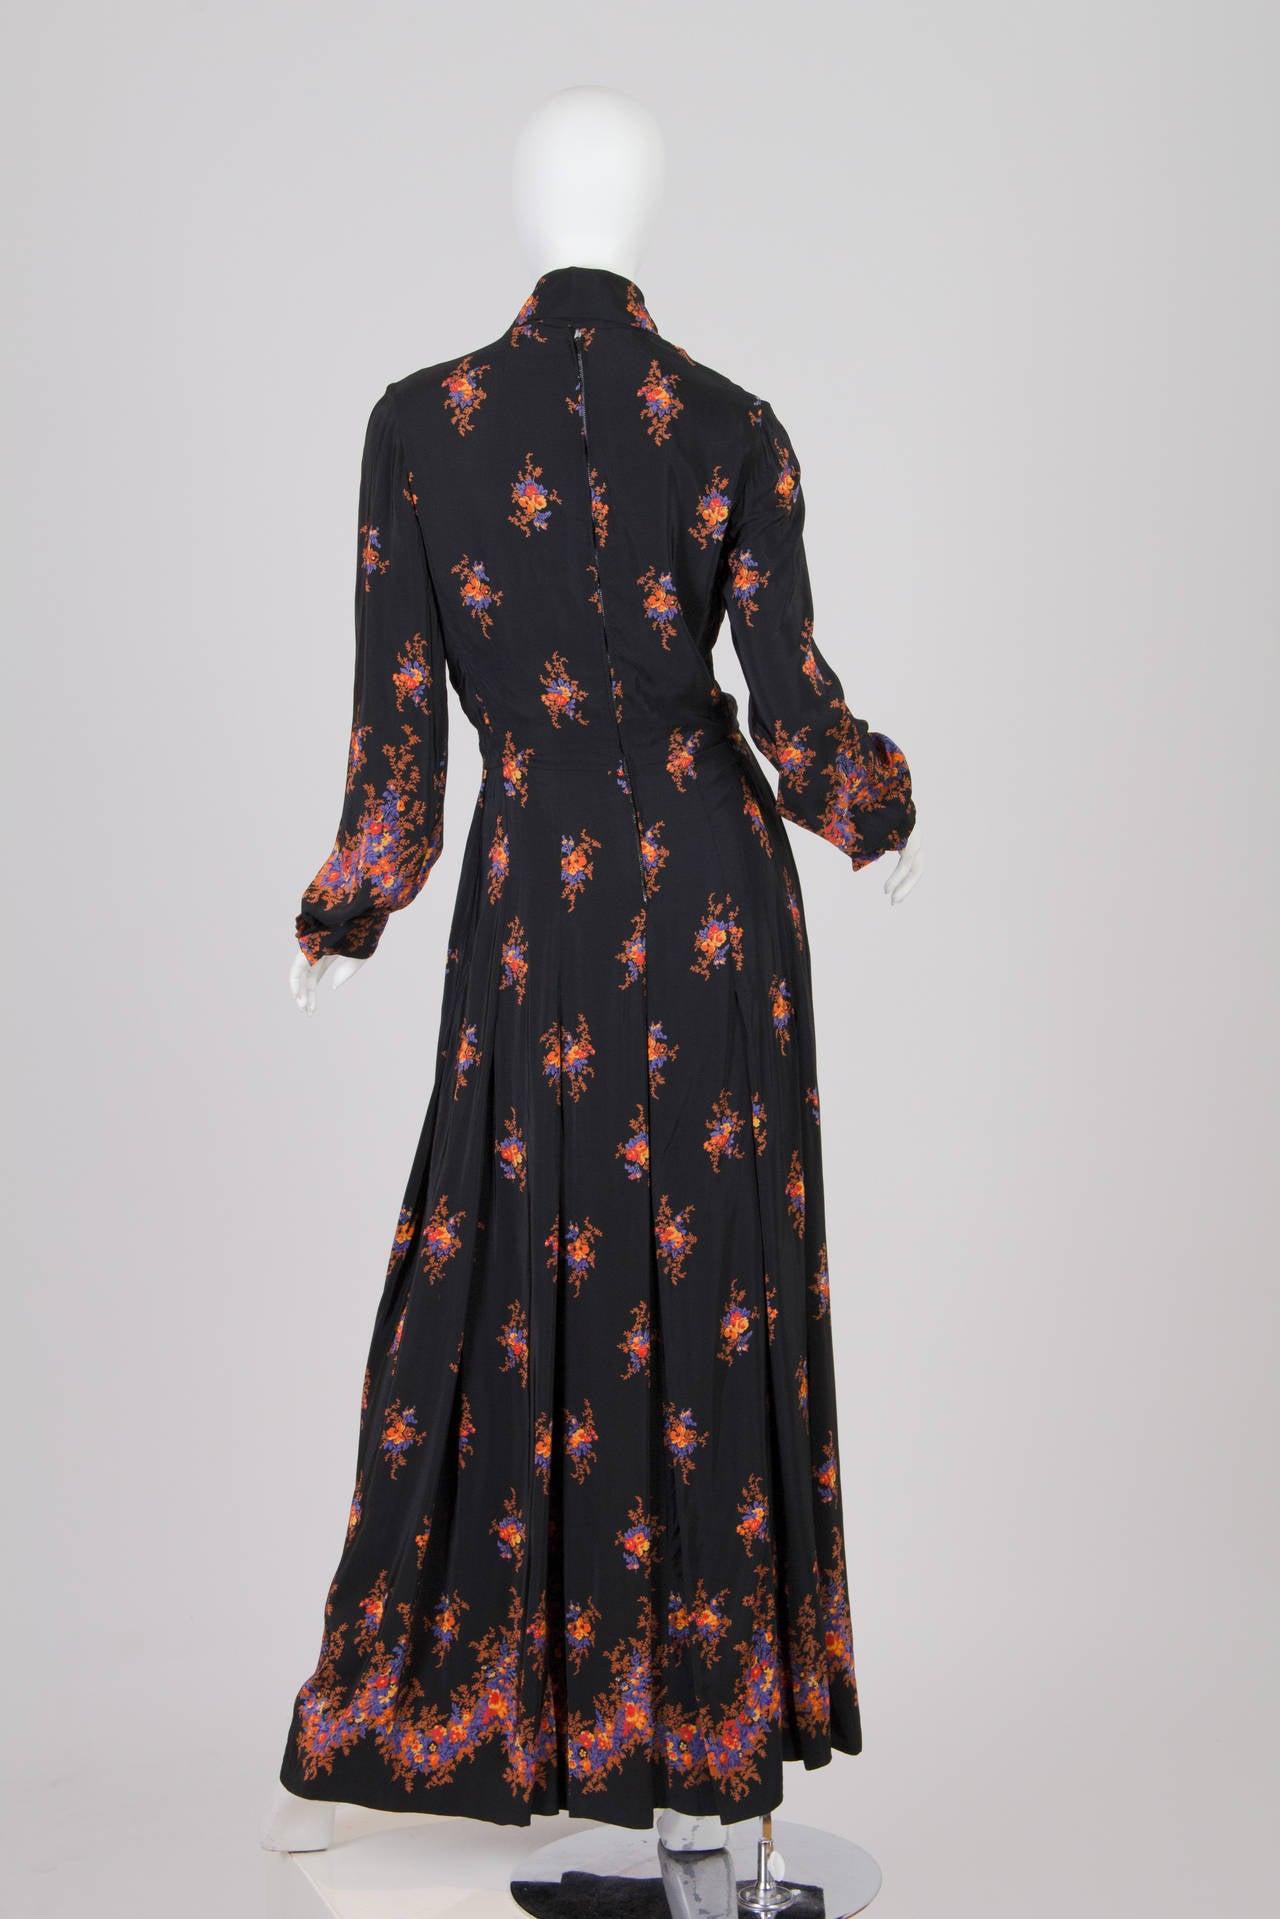 Valentino 1970s Nouveau Victorian Floral Dress 3